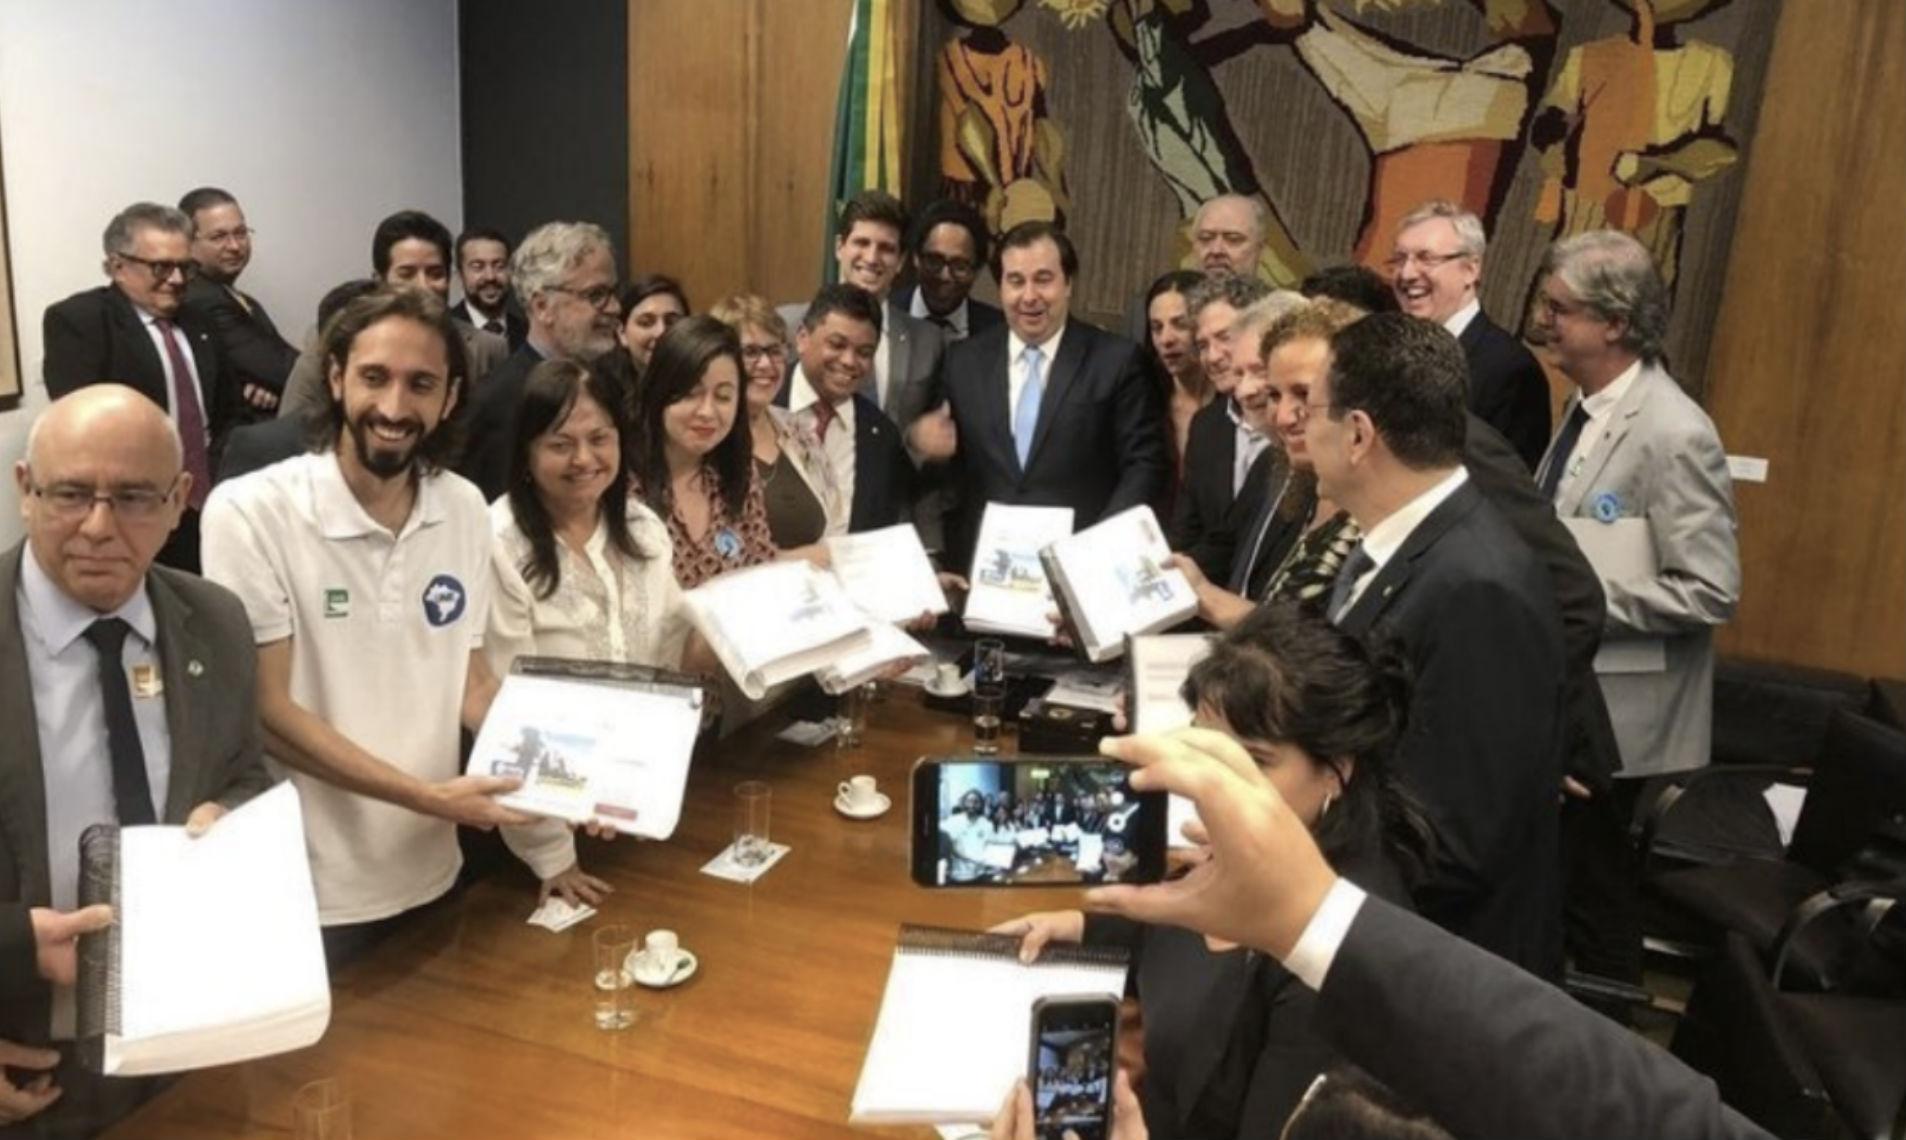 Petição com 1.008.032 assinaturas ajudou a pressionar governo por liberação de recursos (Crédito: SBPC)